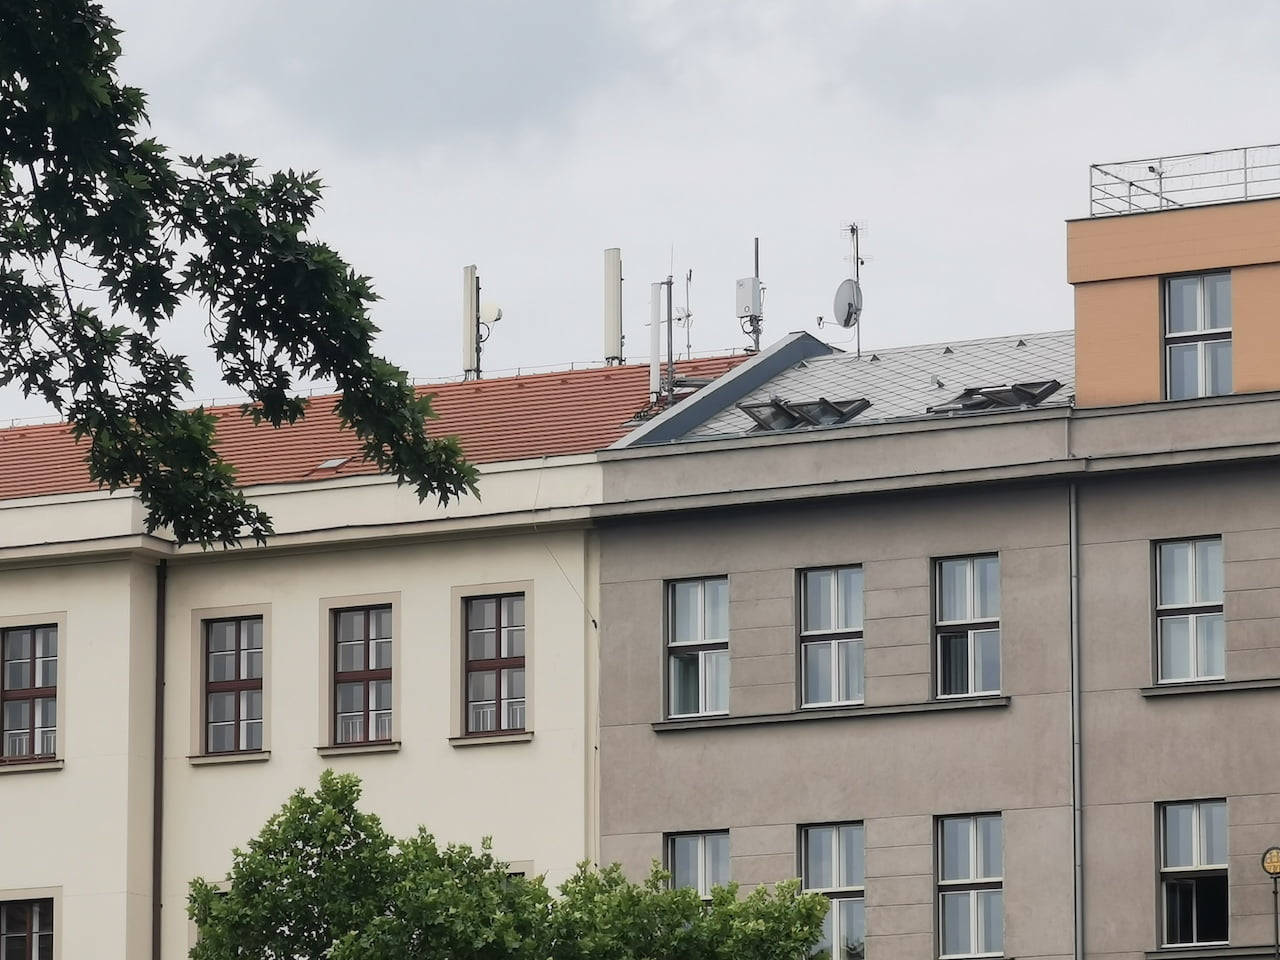 5G vysílač O2 (3,7 GHz) na Náměstí Míru v Praze